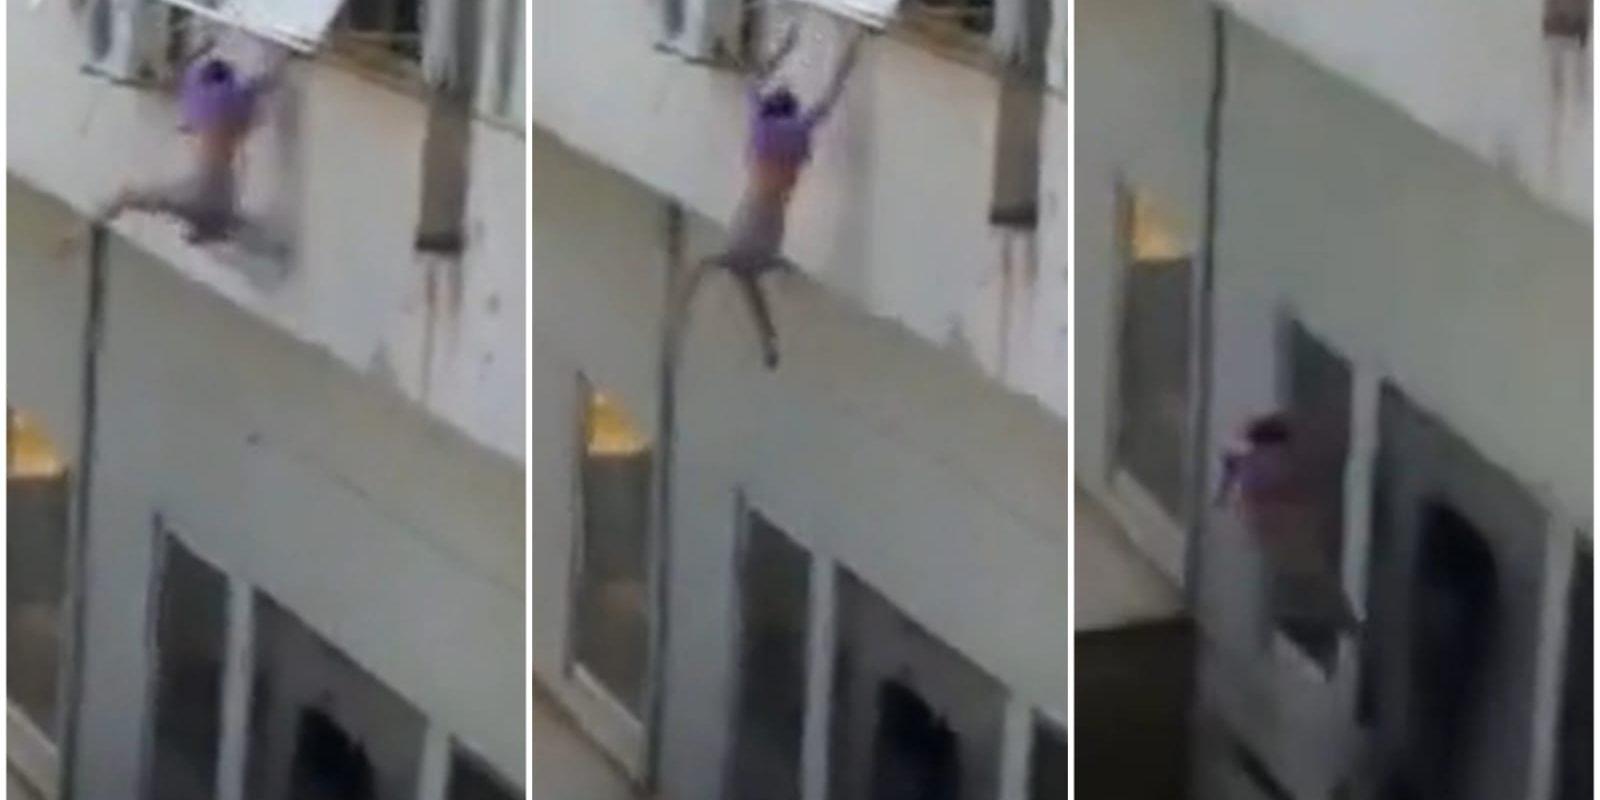 'Me forzaron a tener relaciones': Adolescente se tiró de un edificio para escapar de sus secuestradores